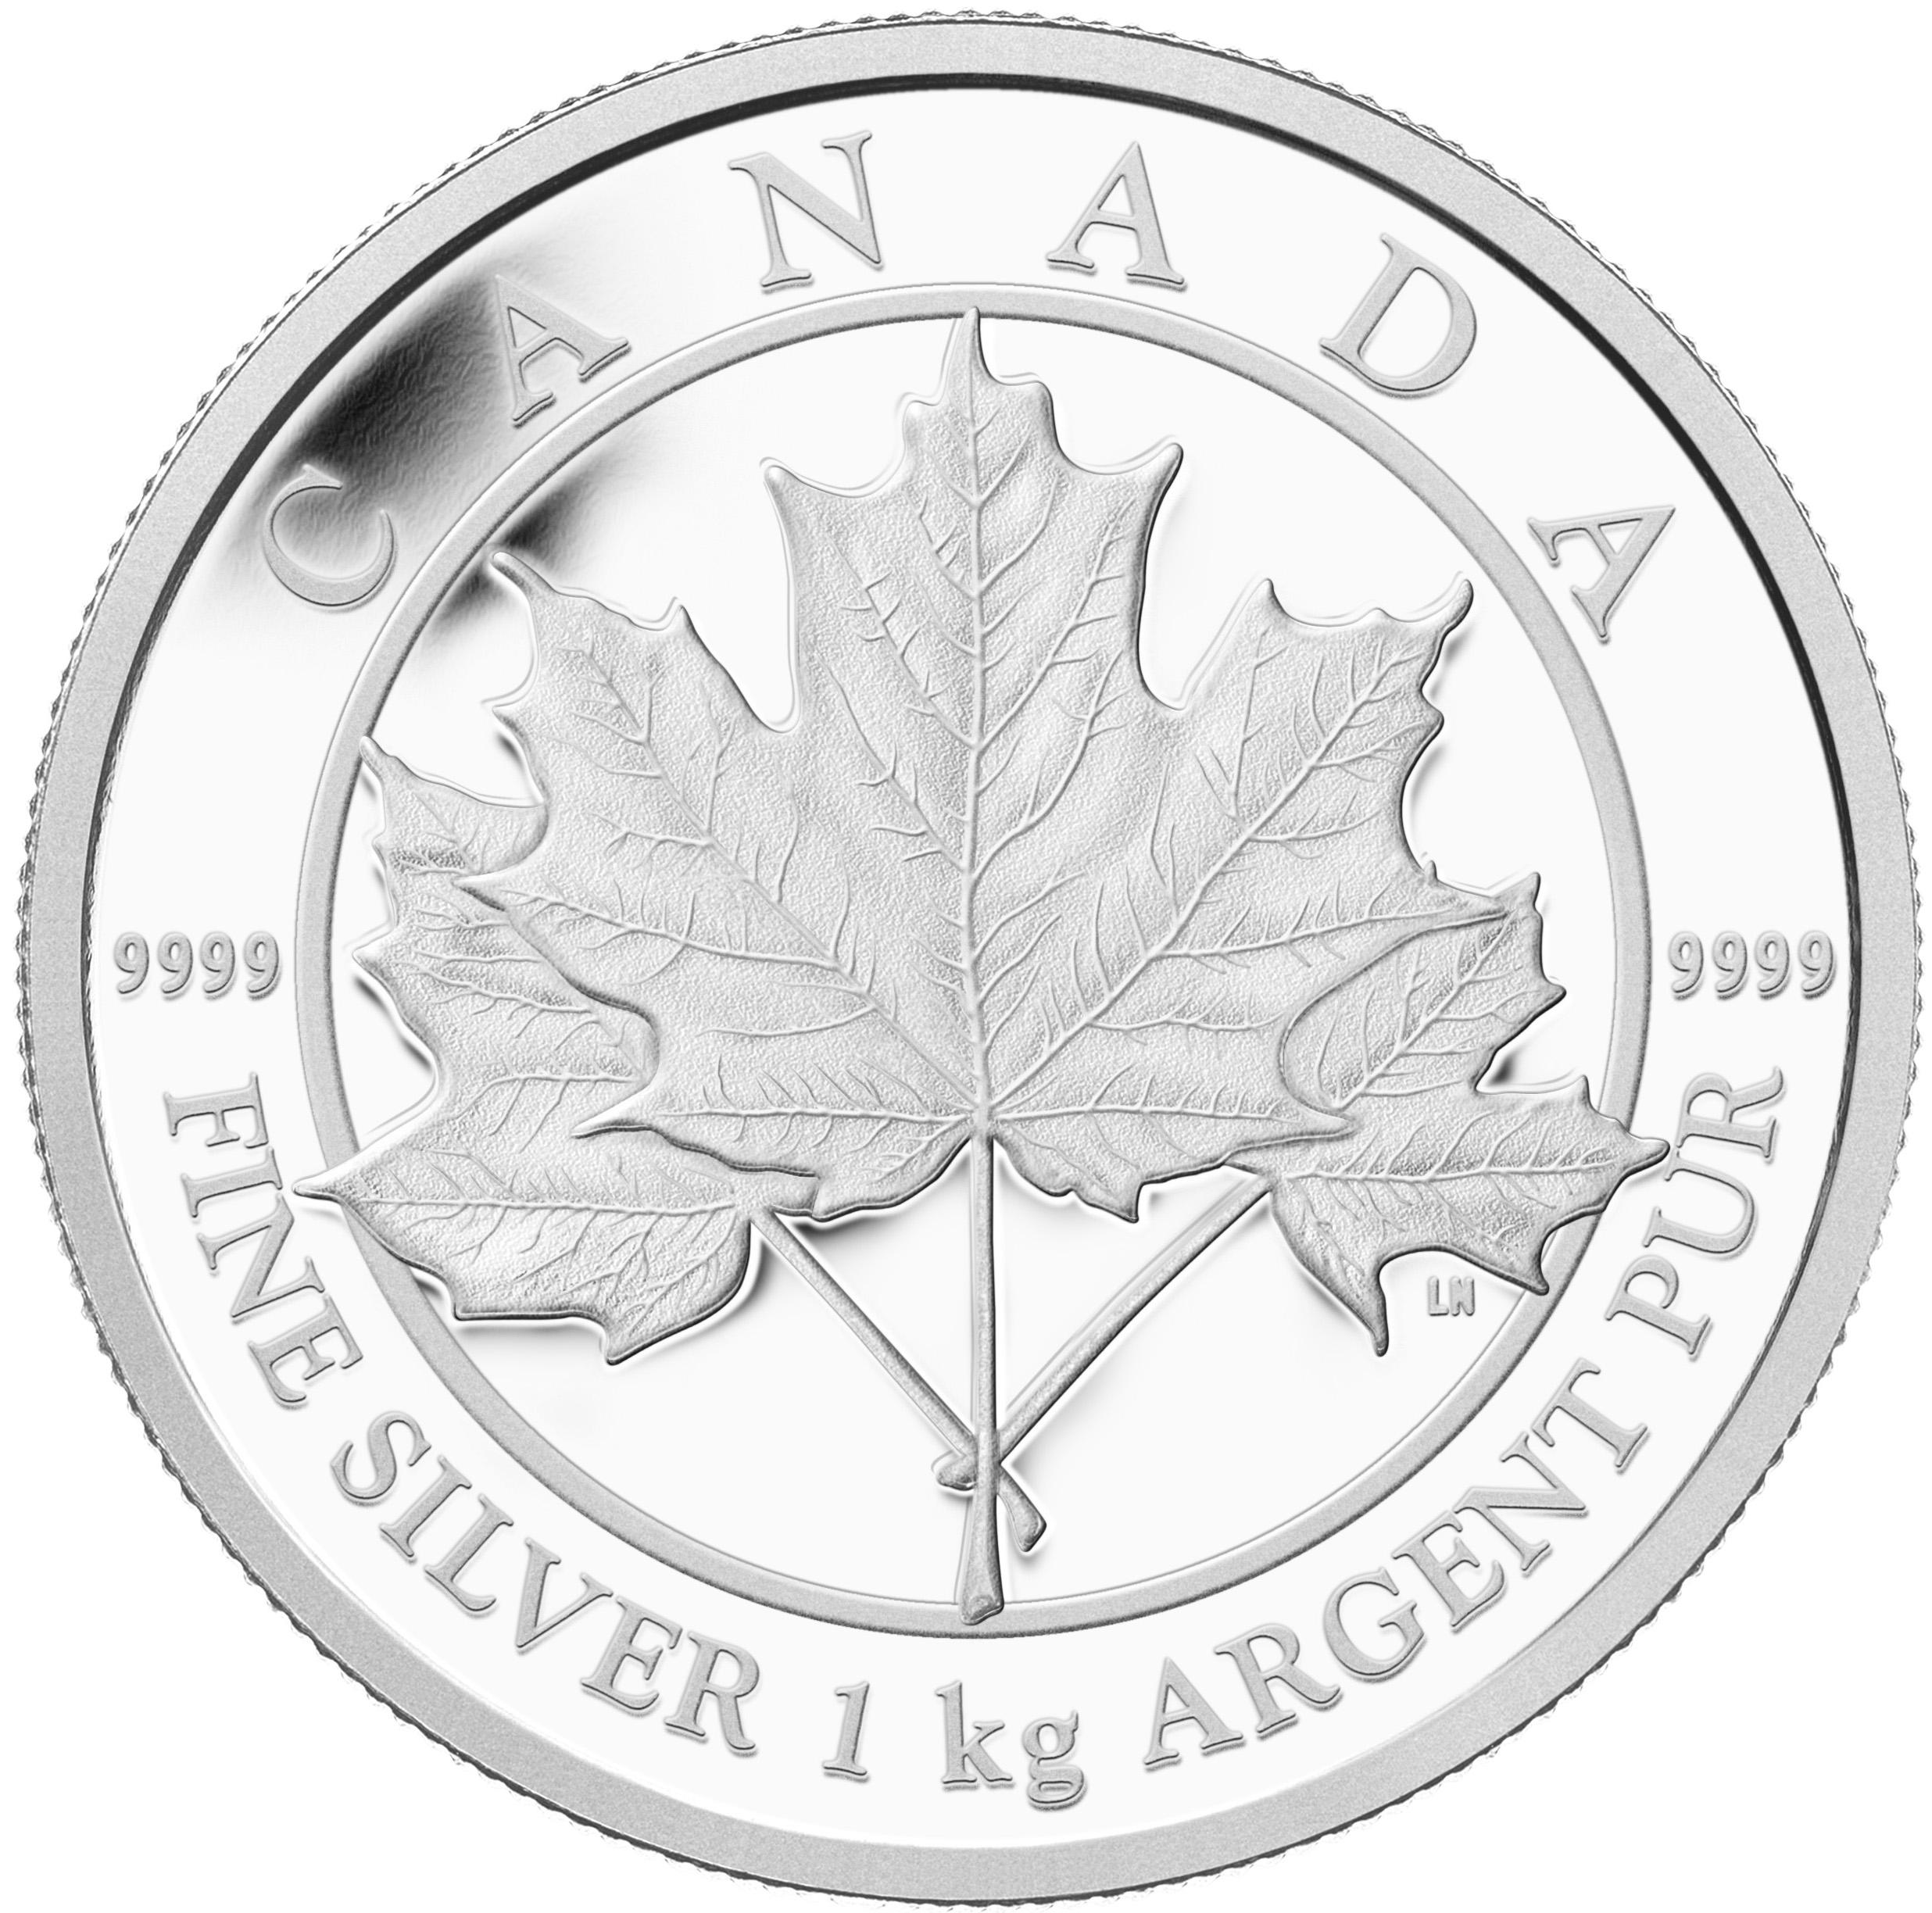 Der Kilo-Maple Leaf 2012 wirkt gegen die 5kg-Münze fast schon klein